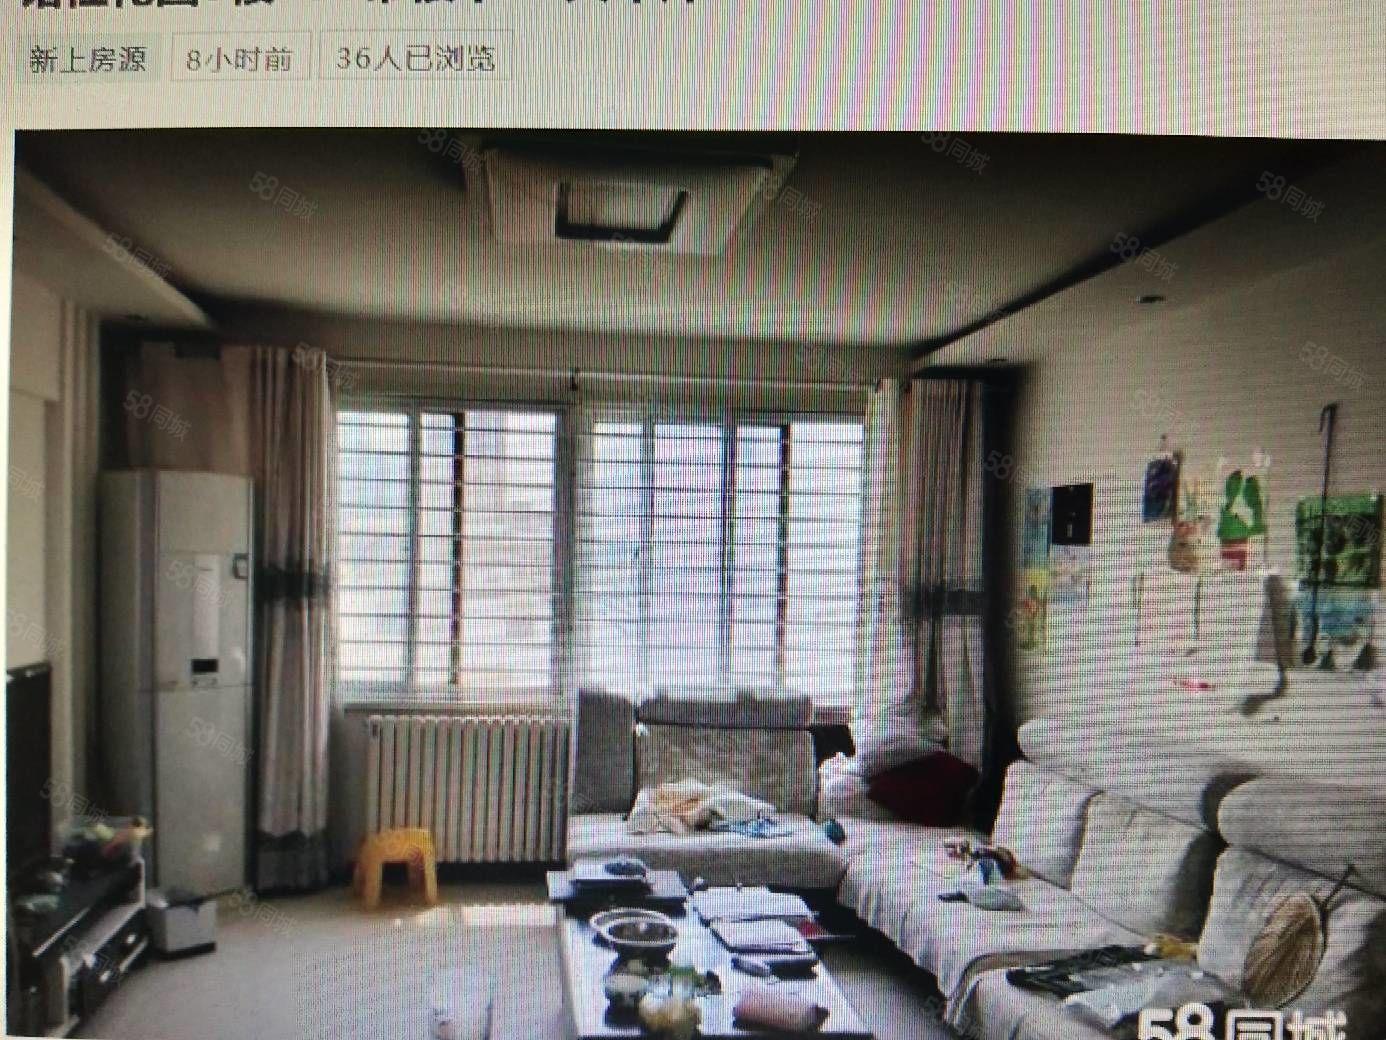 利津鑫鑫花园3楼138平米,带车库,精装修,能贷款,地暖